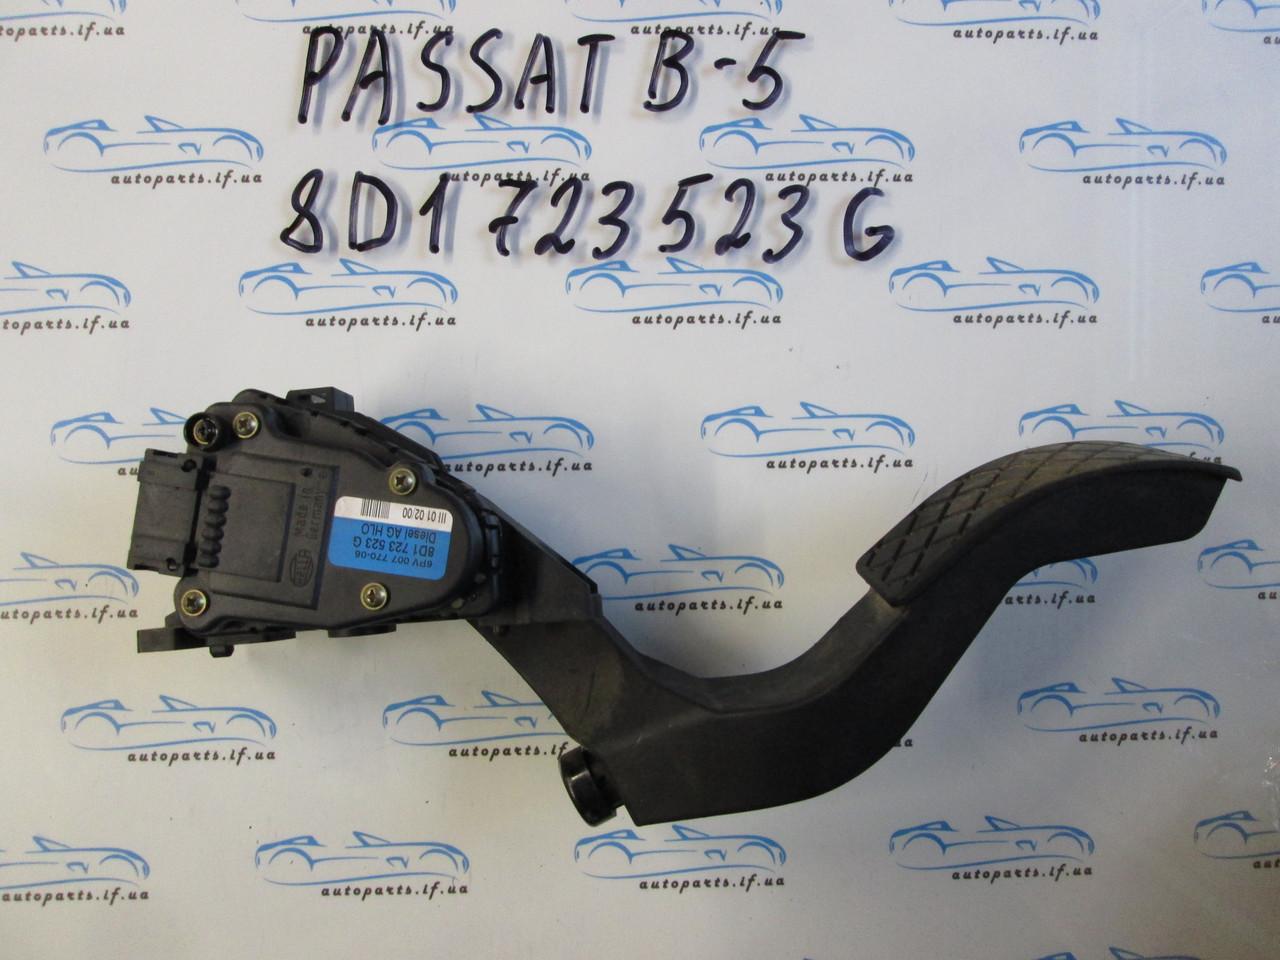 Педаль газа VAG 8D1723523G